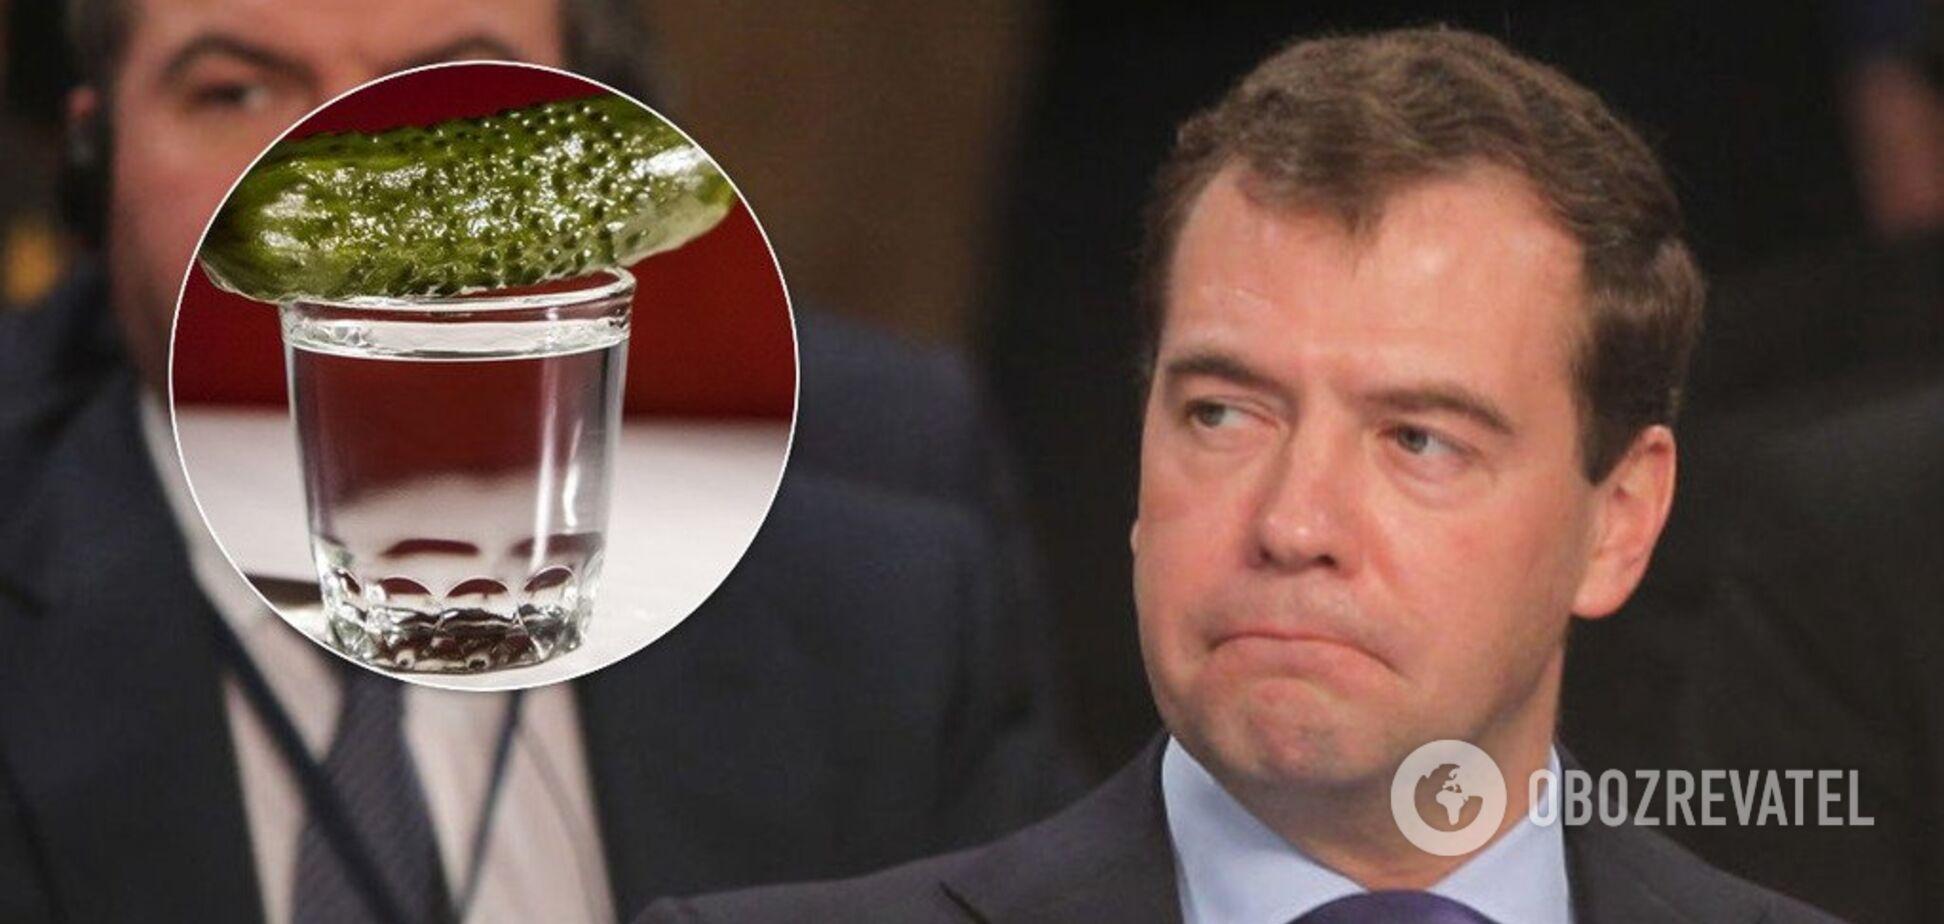 Закуска під бички: у Росії прем'єр Медведєв почав варити самогон. Фото